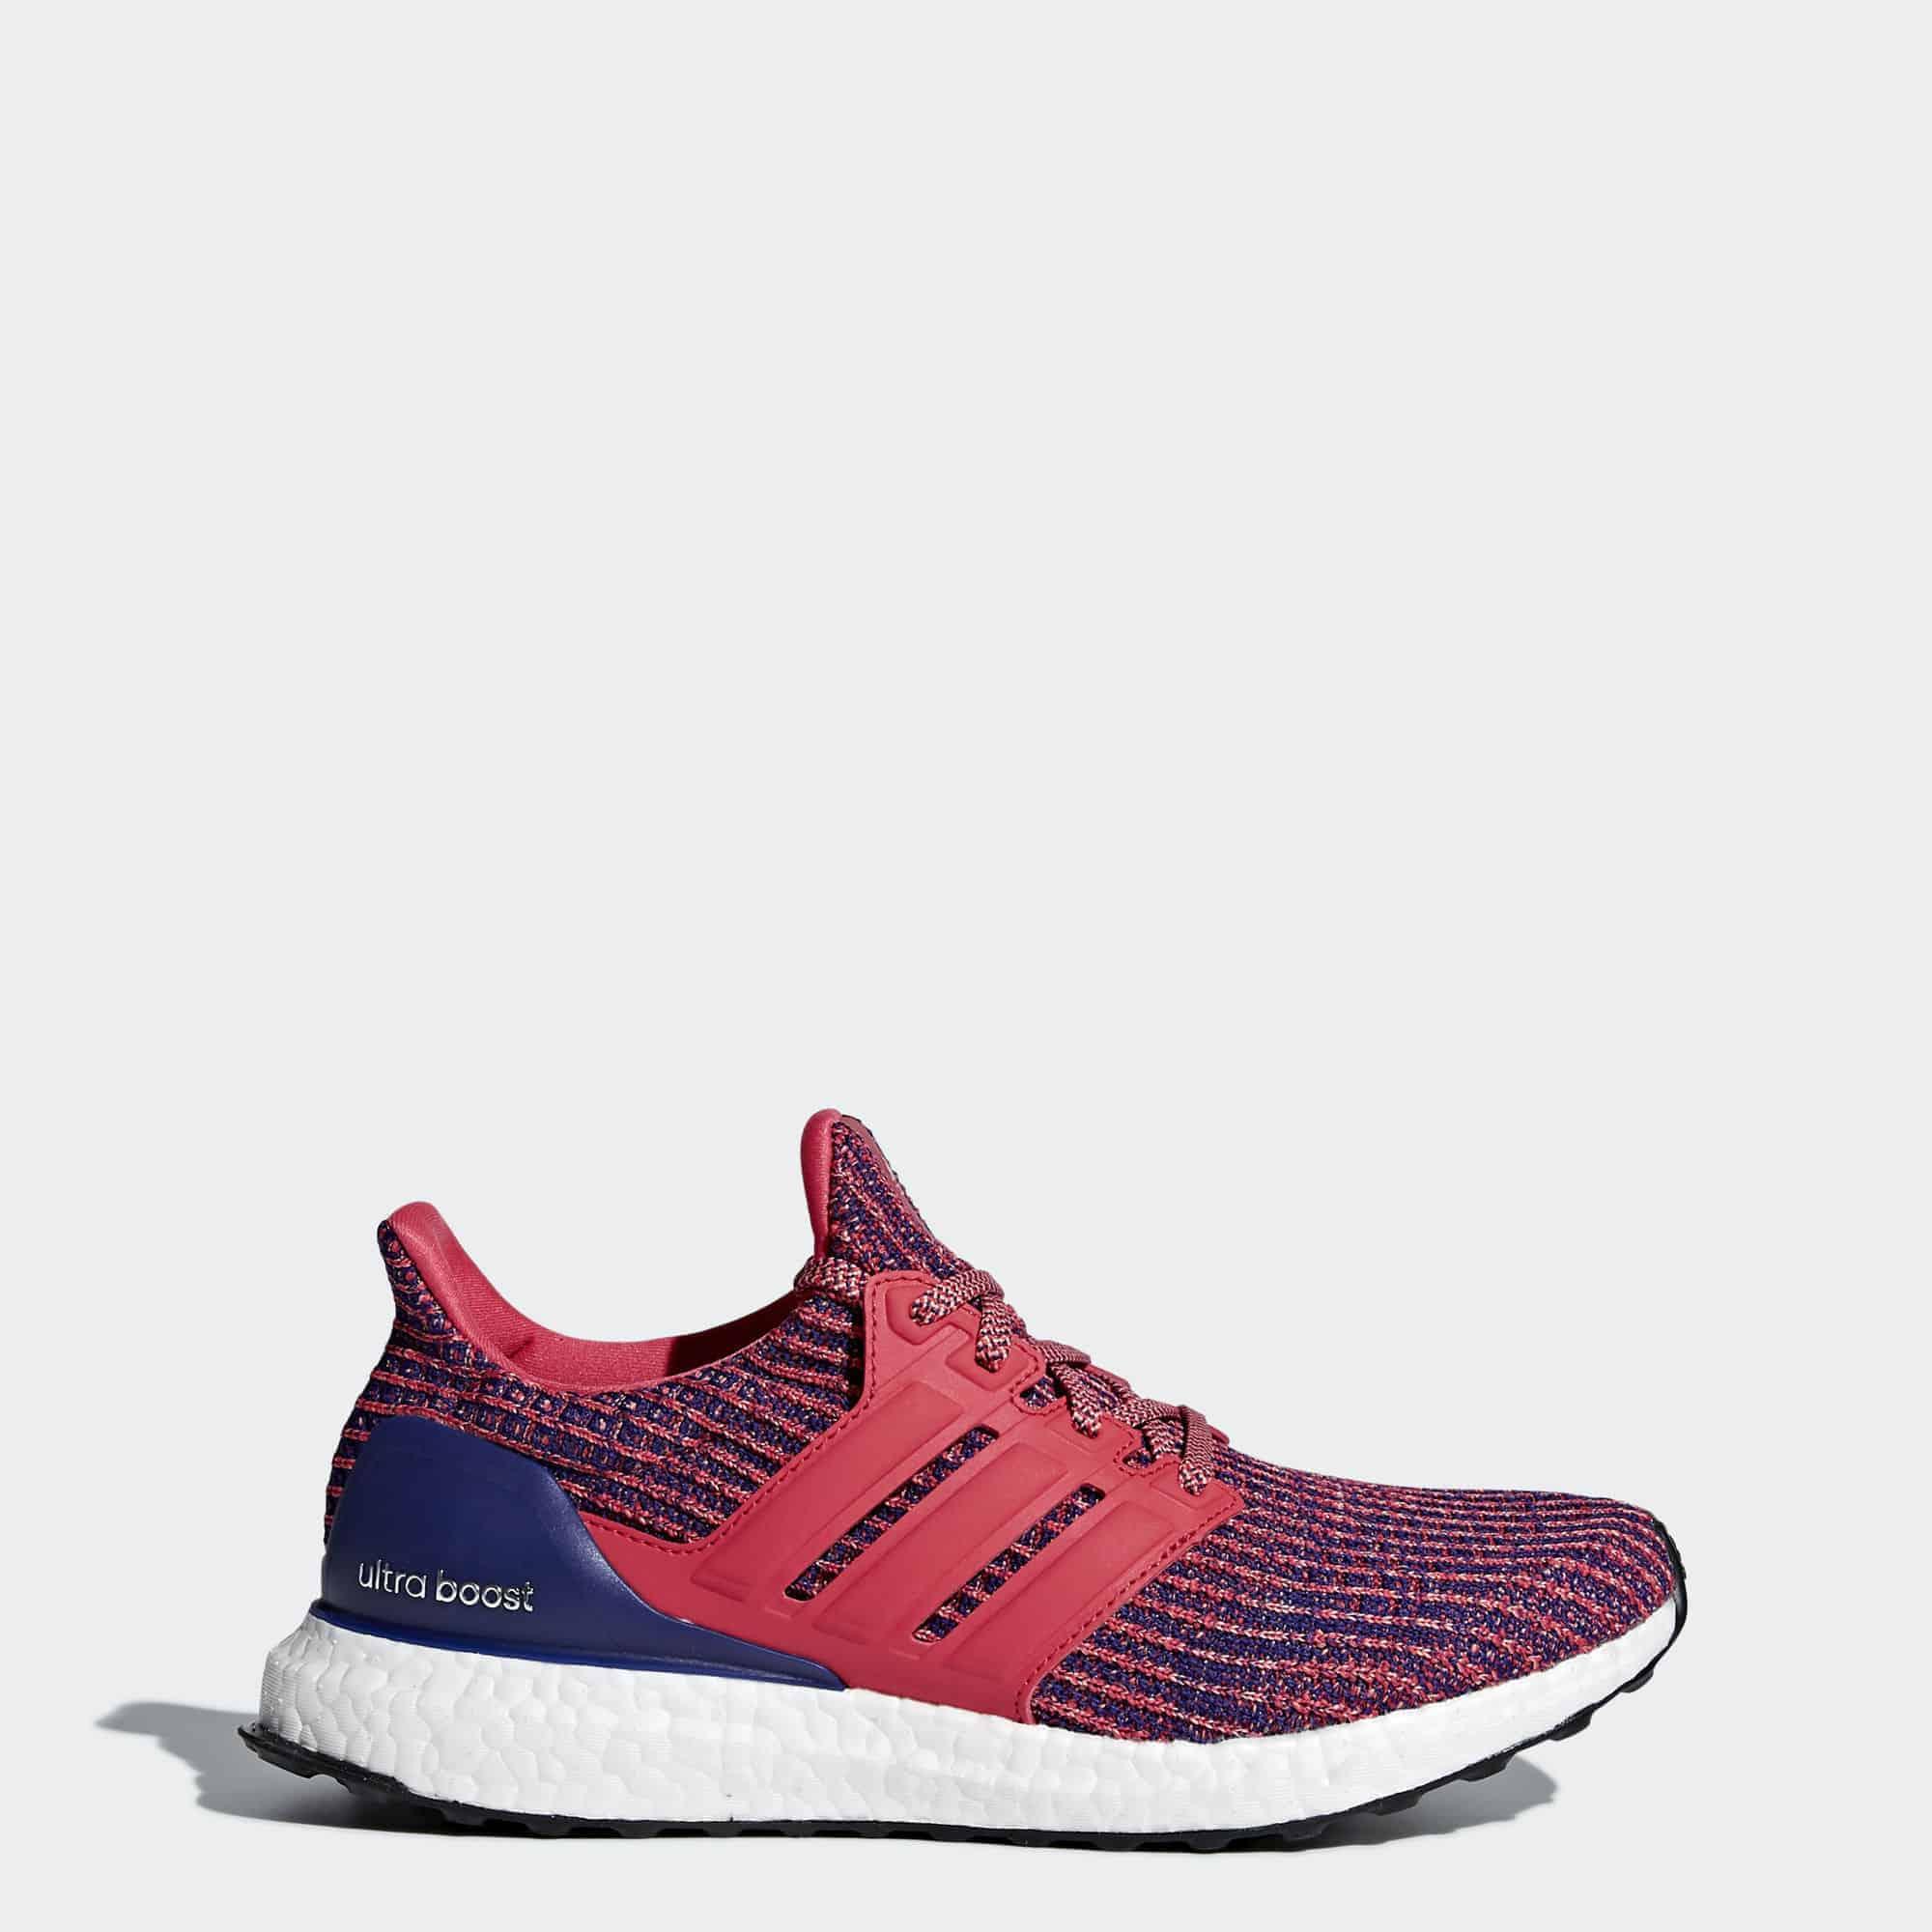 Кроссовки для бега Adidas Ultraboost женские